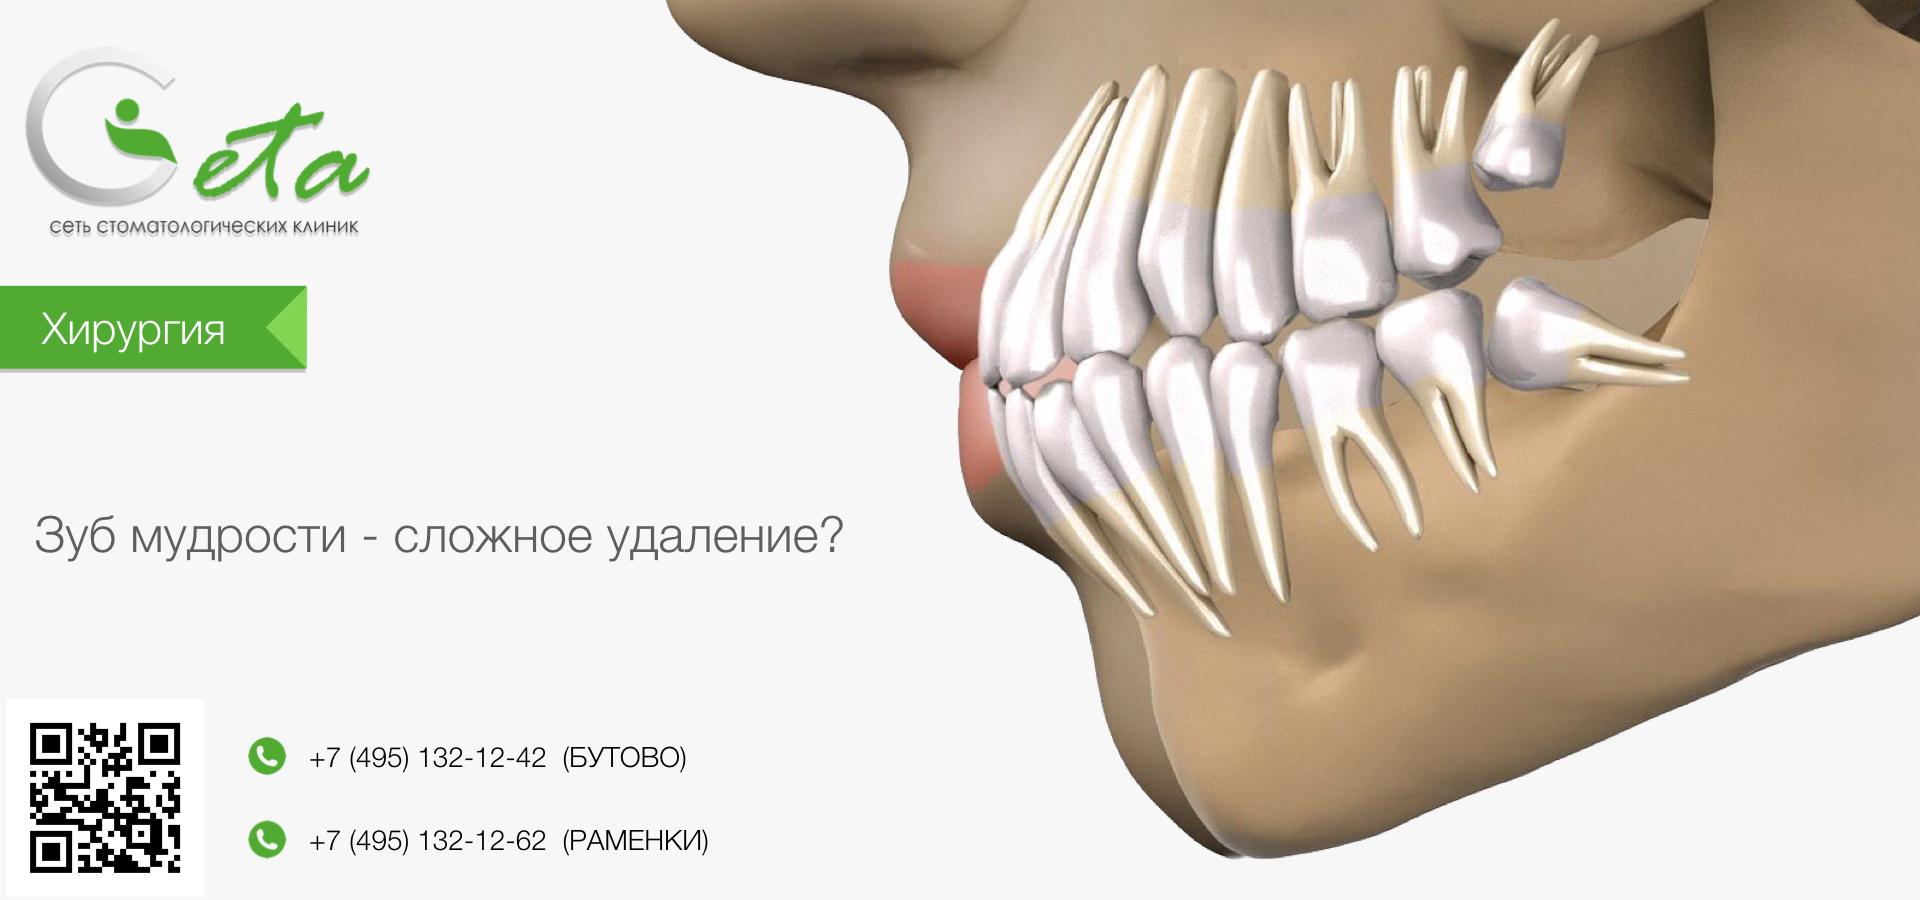 Ретинированный зуб: причины, симптомы и методы диагностики   za-rozhdenie.ru